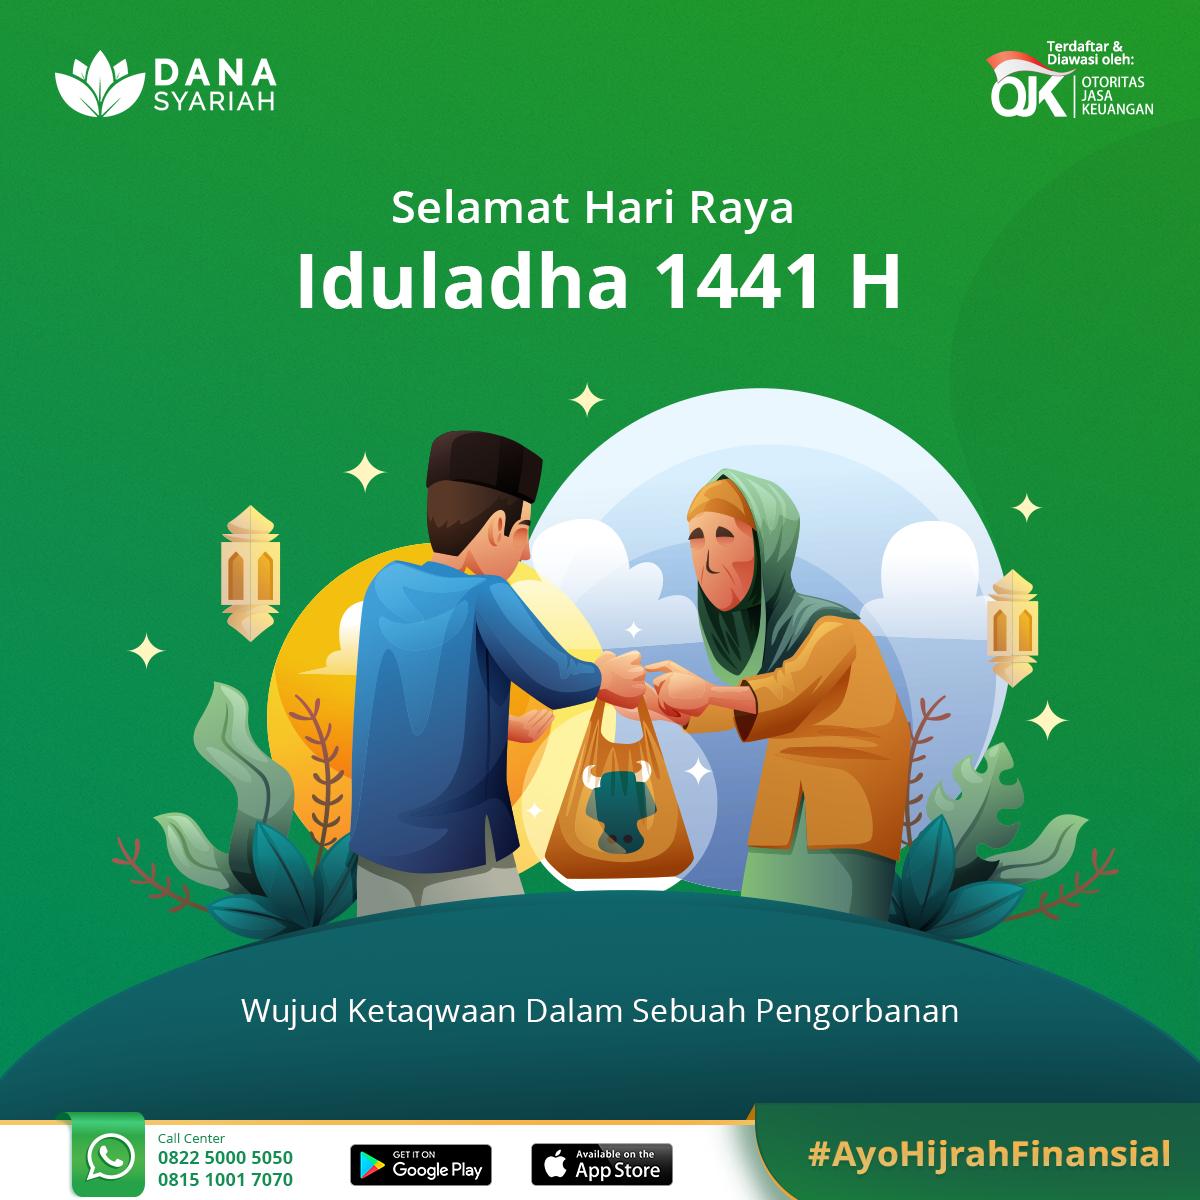 Dana Syariah Taqabbalallahu minna wa minkum, Selamat Hari Raya Iduladha 1441 H.